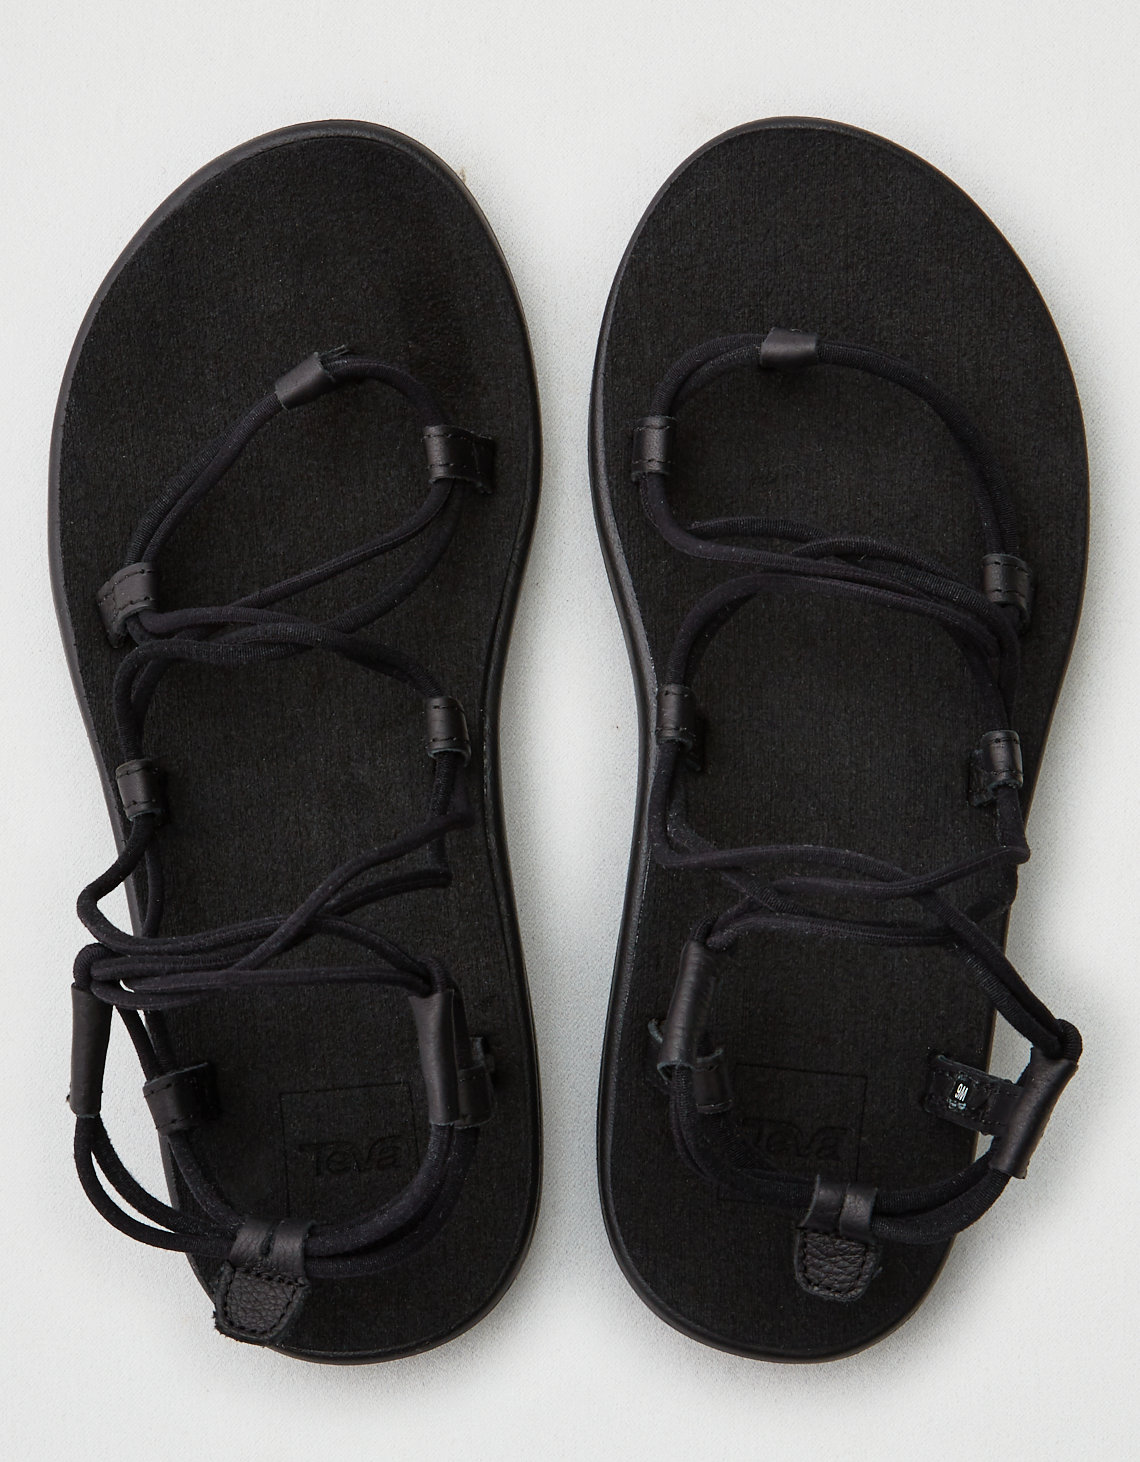 210f625f31cc Teva Voya Infinity Sandal. Placeholder image. Product Image